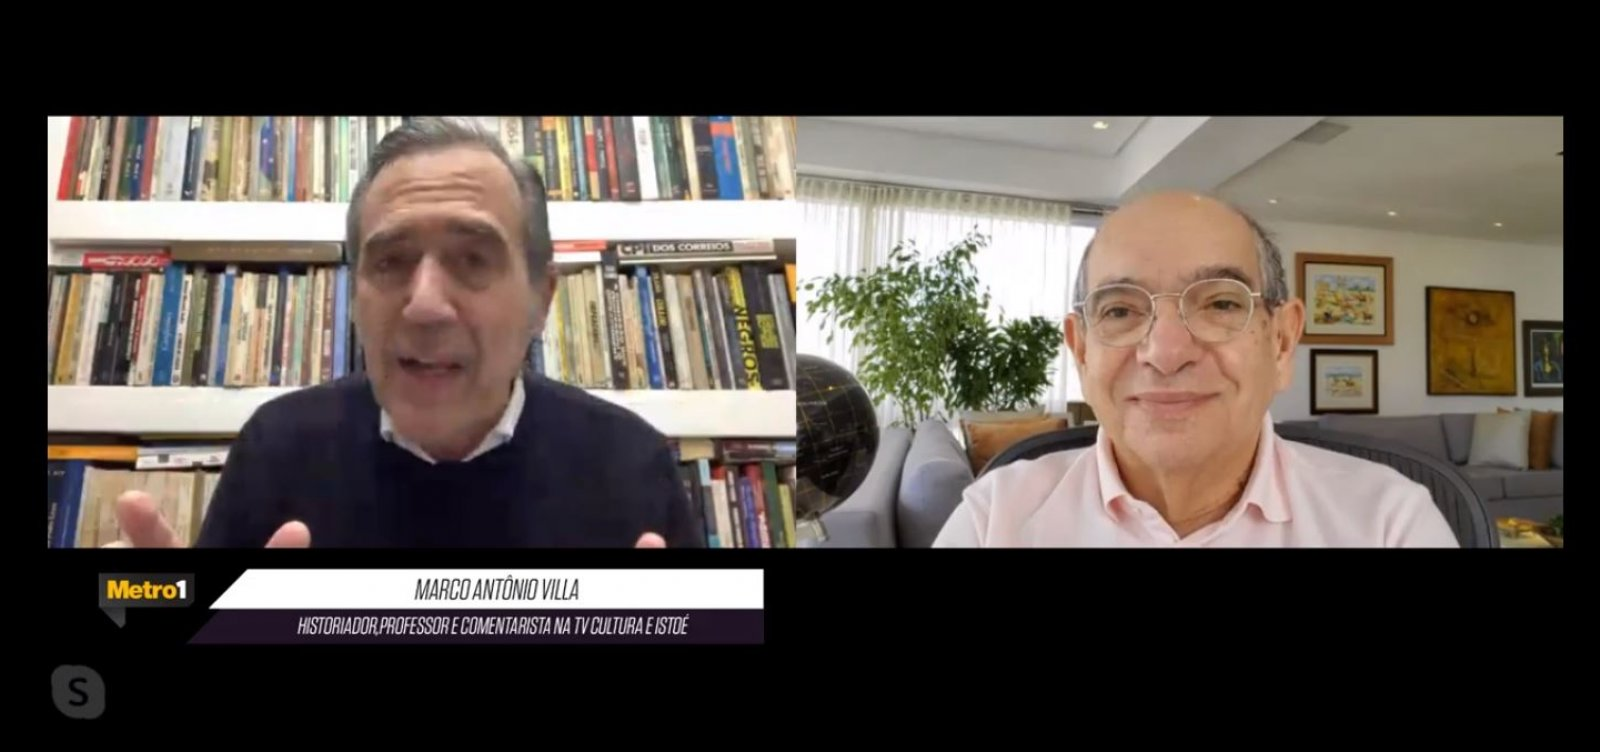 [Marco Antonio Villa cita caminhos para depor Bolsonaro e fala em prisão: 'Termina em Bangu 8']